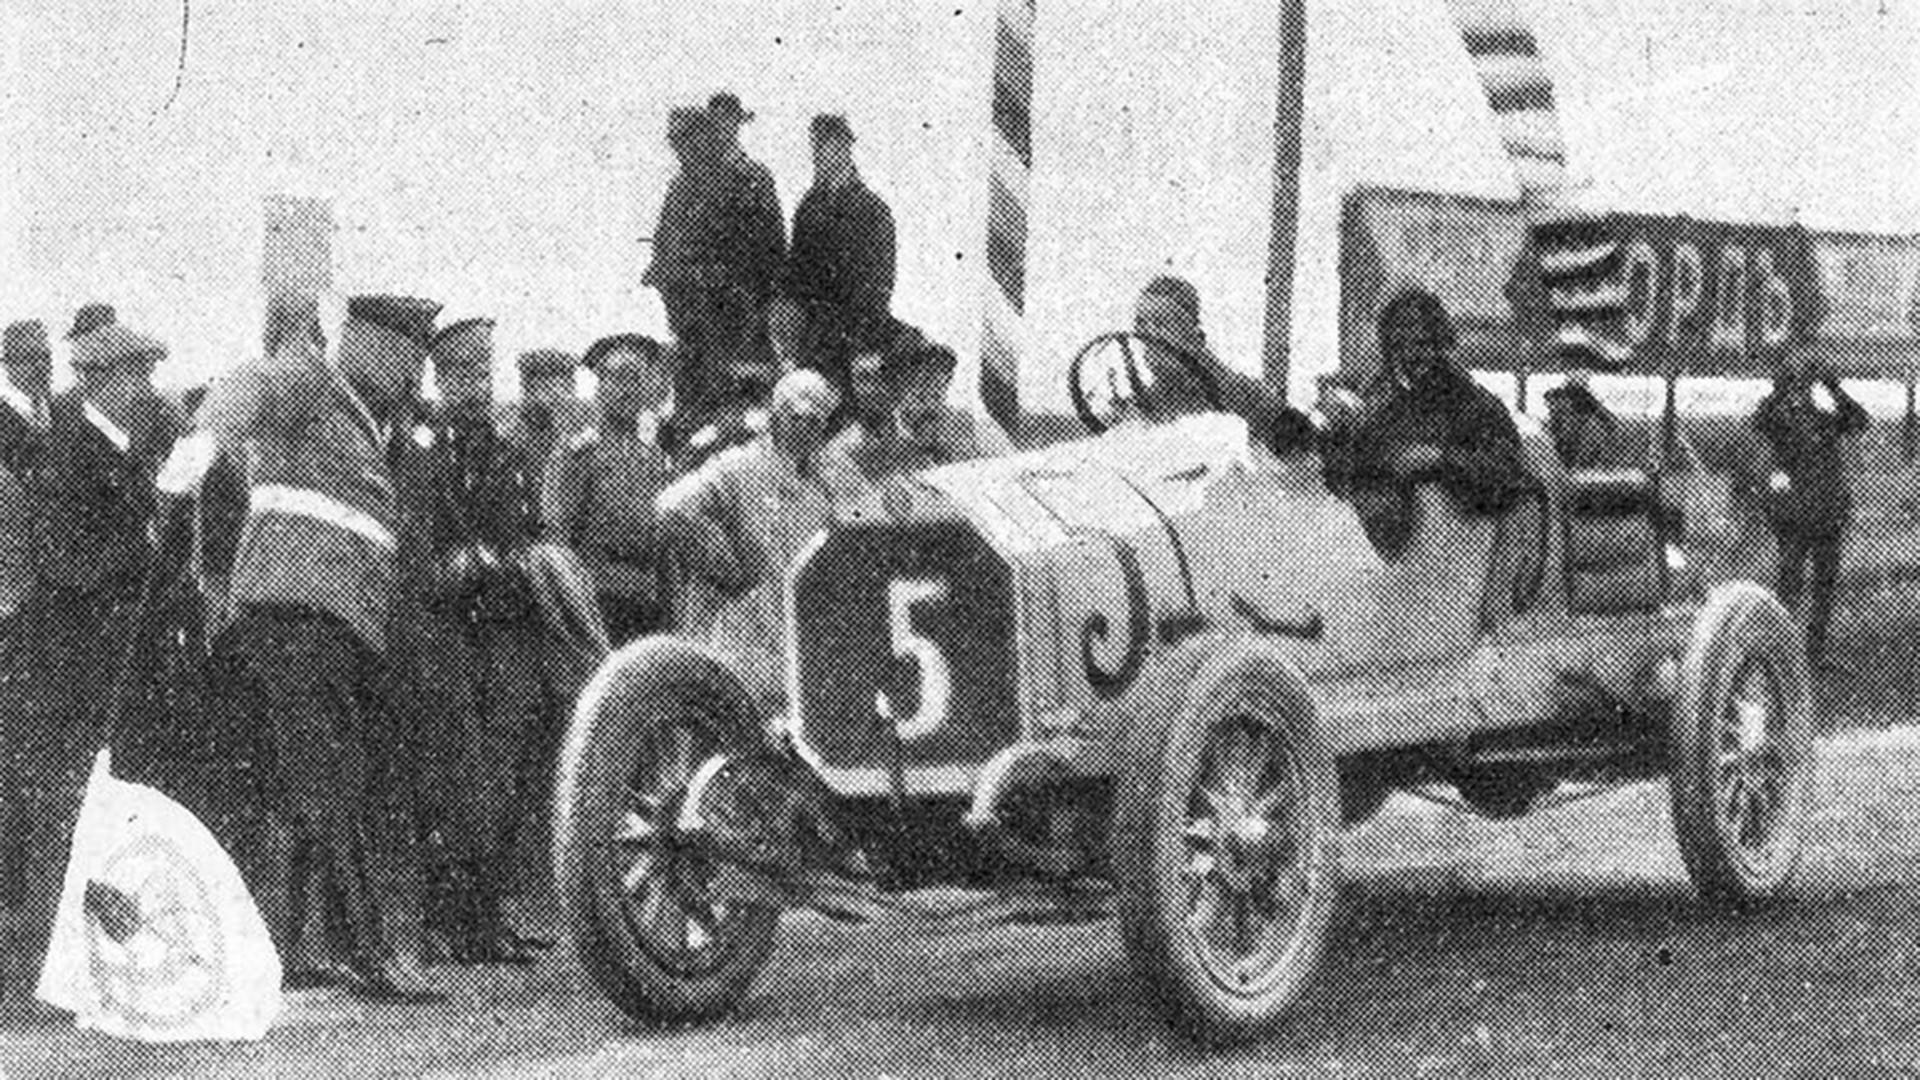 Grigori Souvorine sur la ligne d'arrivée, 1913